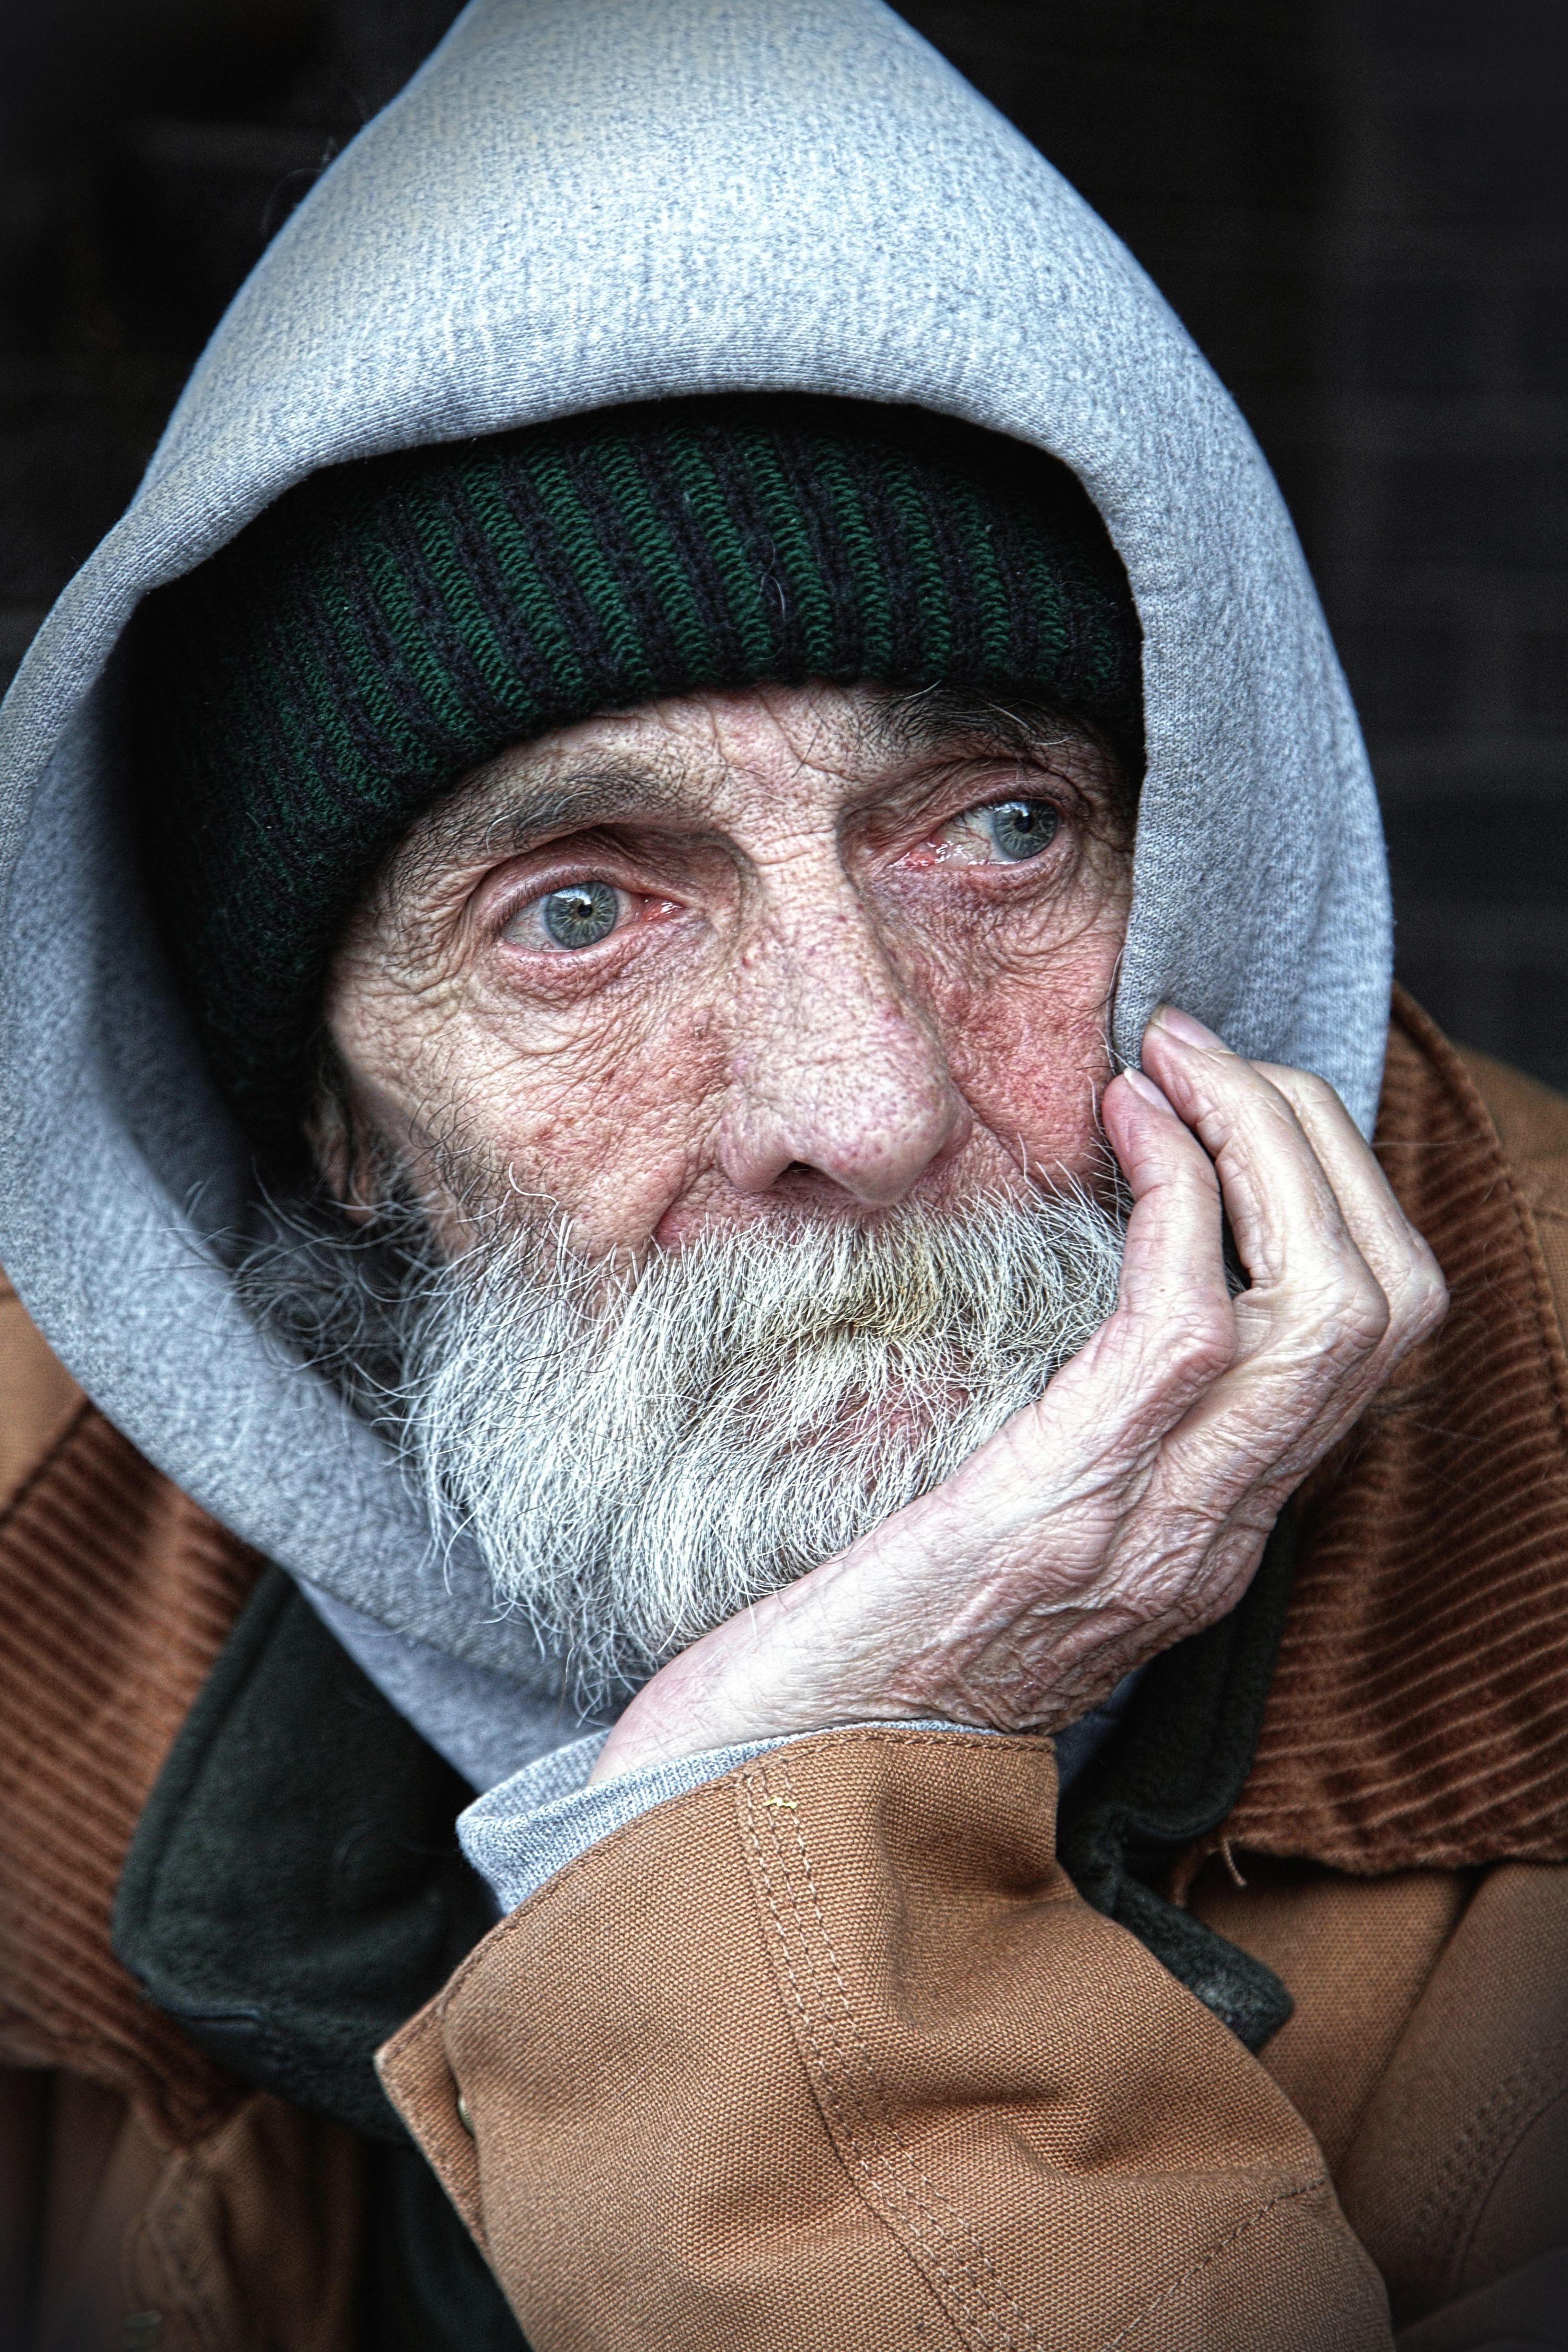 картинки радостные лица бедных людей была